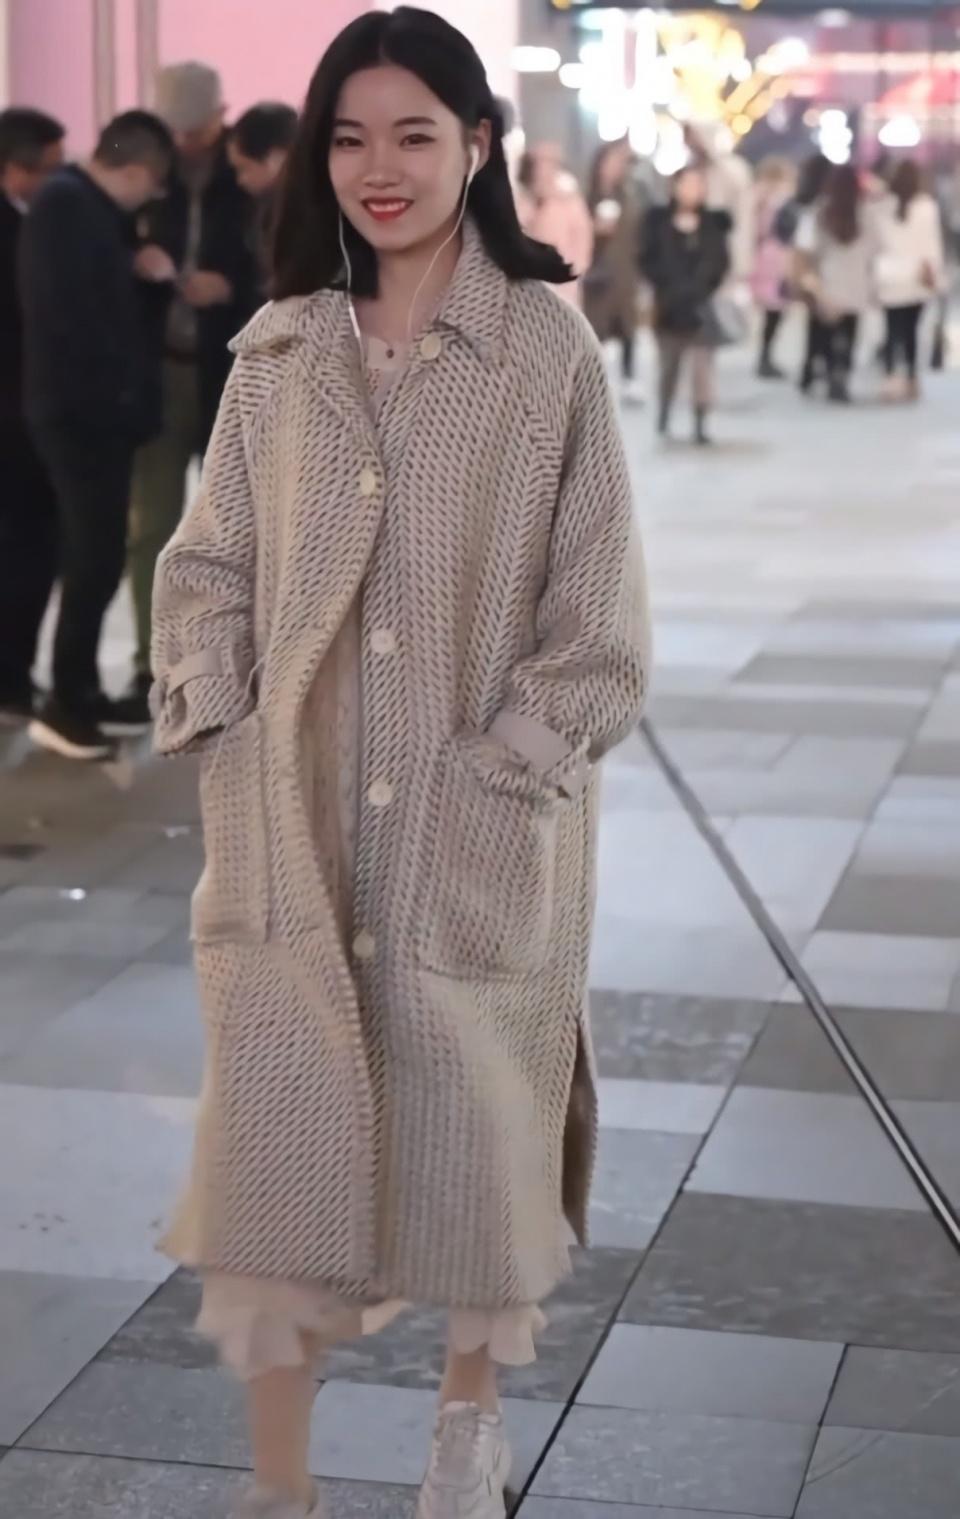 美女的大衣情趣真金贵,要用两件粉底遮起来,用用具保健品女丝袜图片